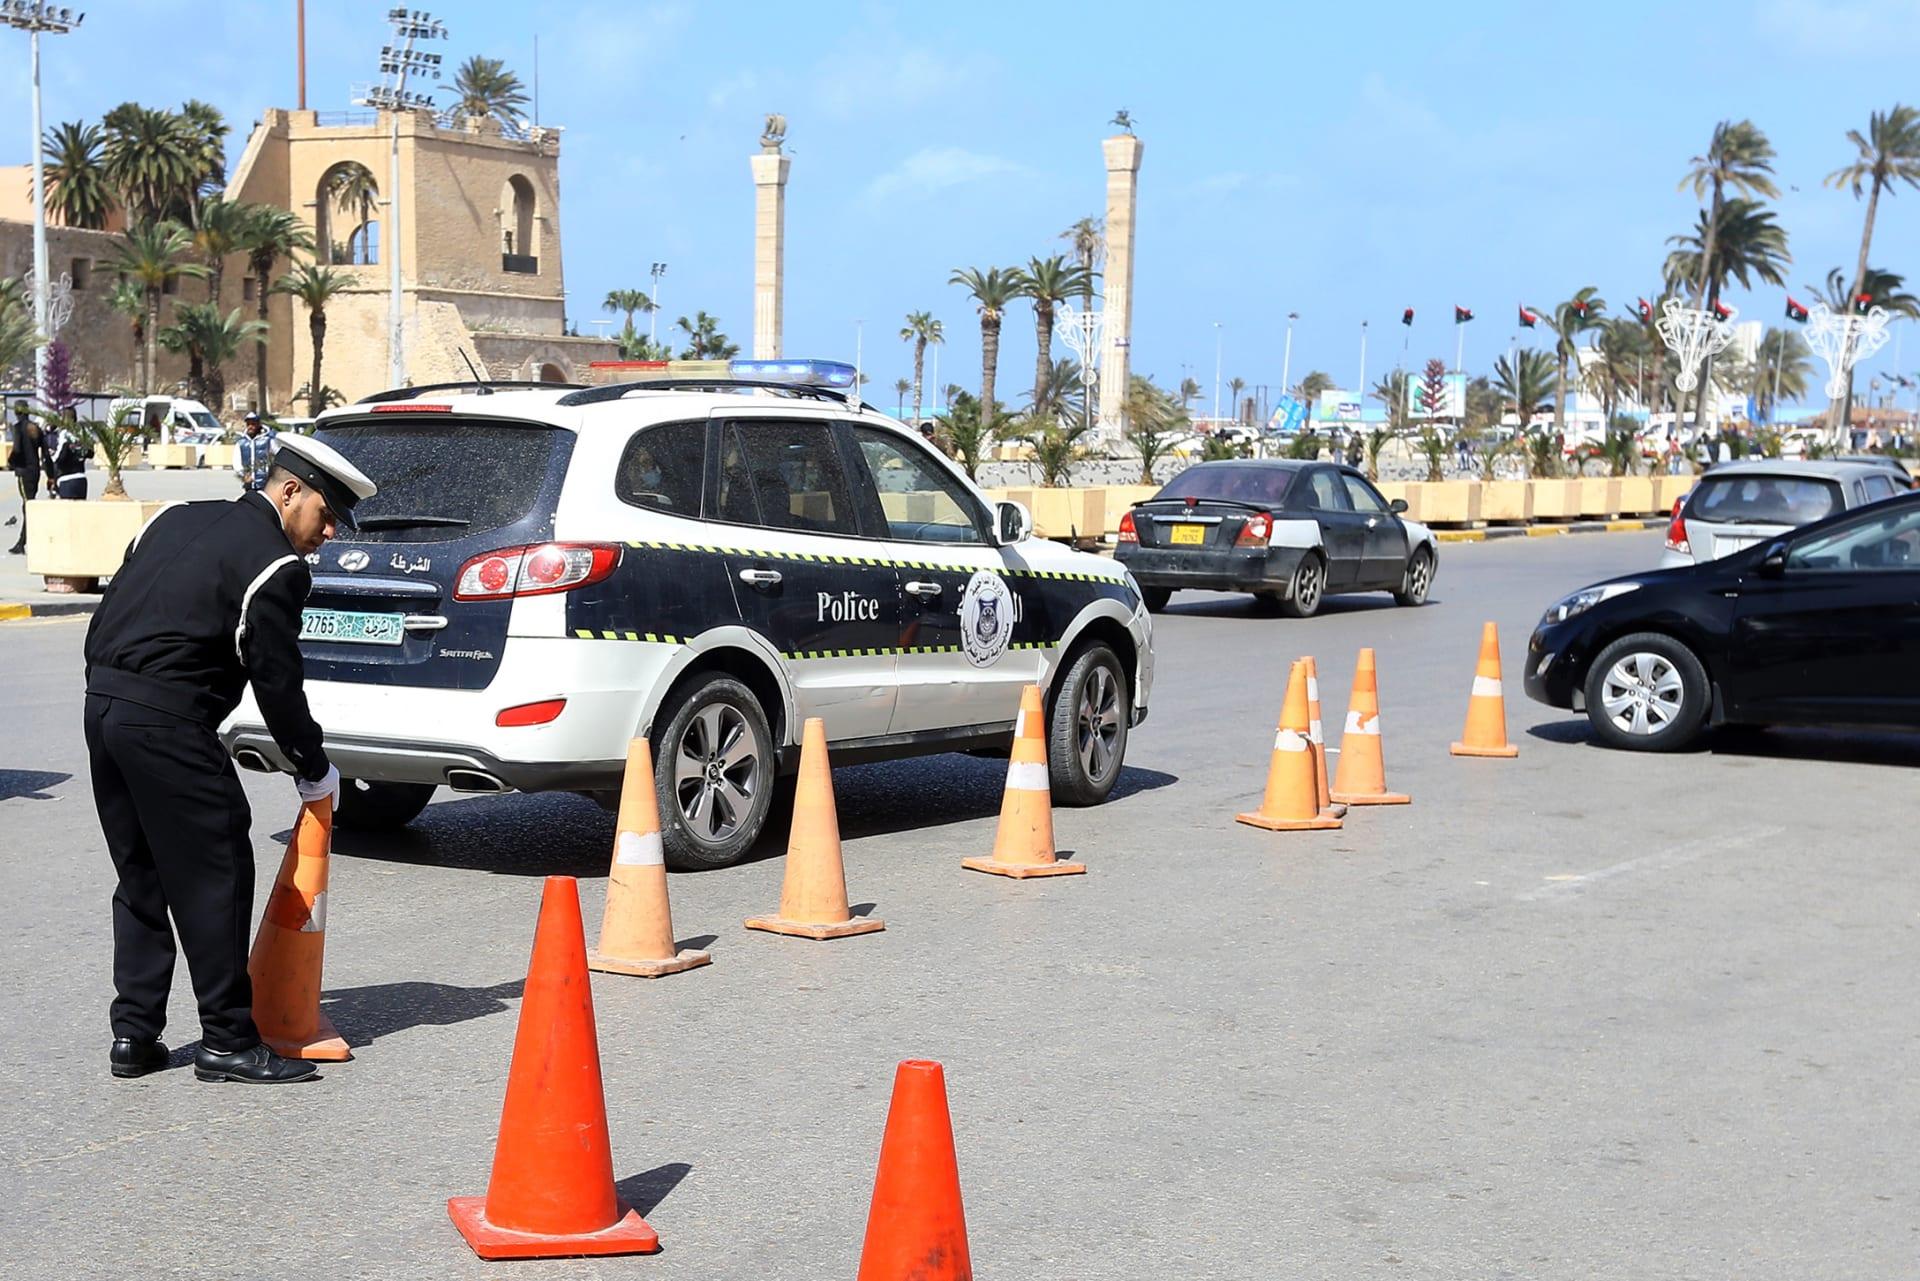 شرطة المرور الليبية تضع أقماعًا على الطريق خلال عملية في ساحة الشهداء بالعاصمة الليبية طرابلس ، في 12 مارس/ آذار 2019.